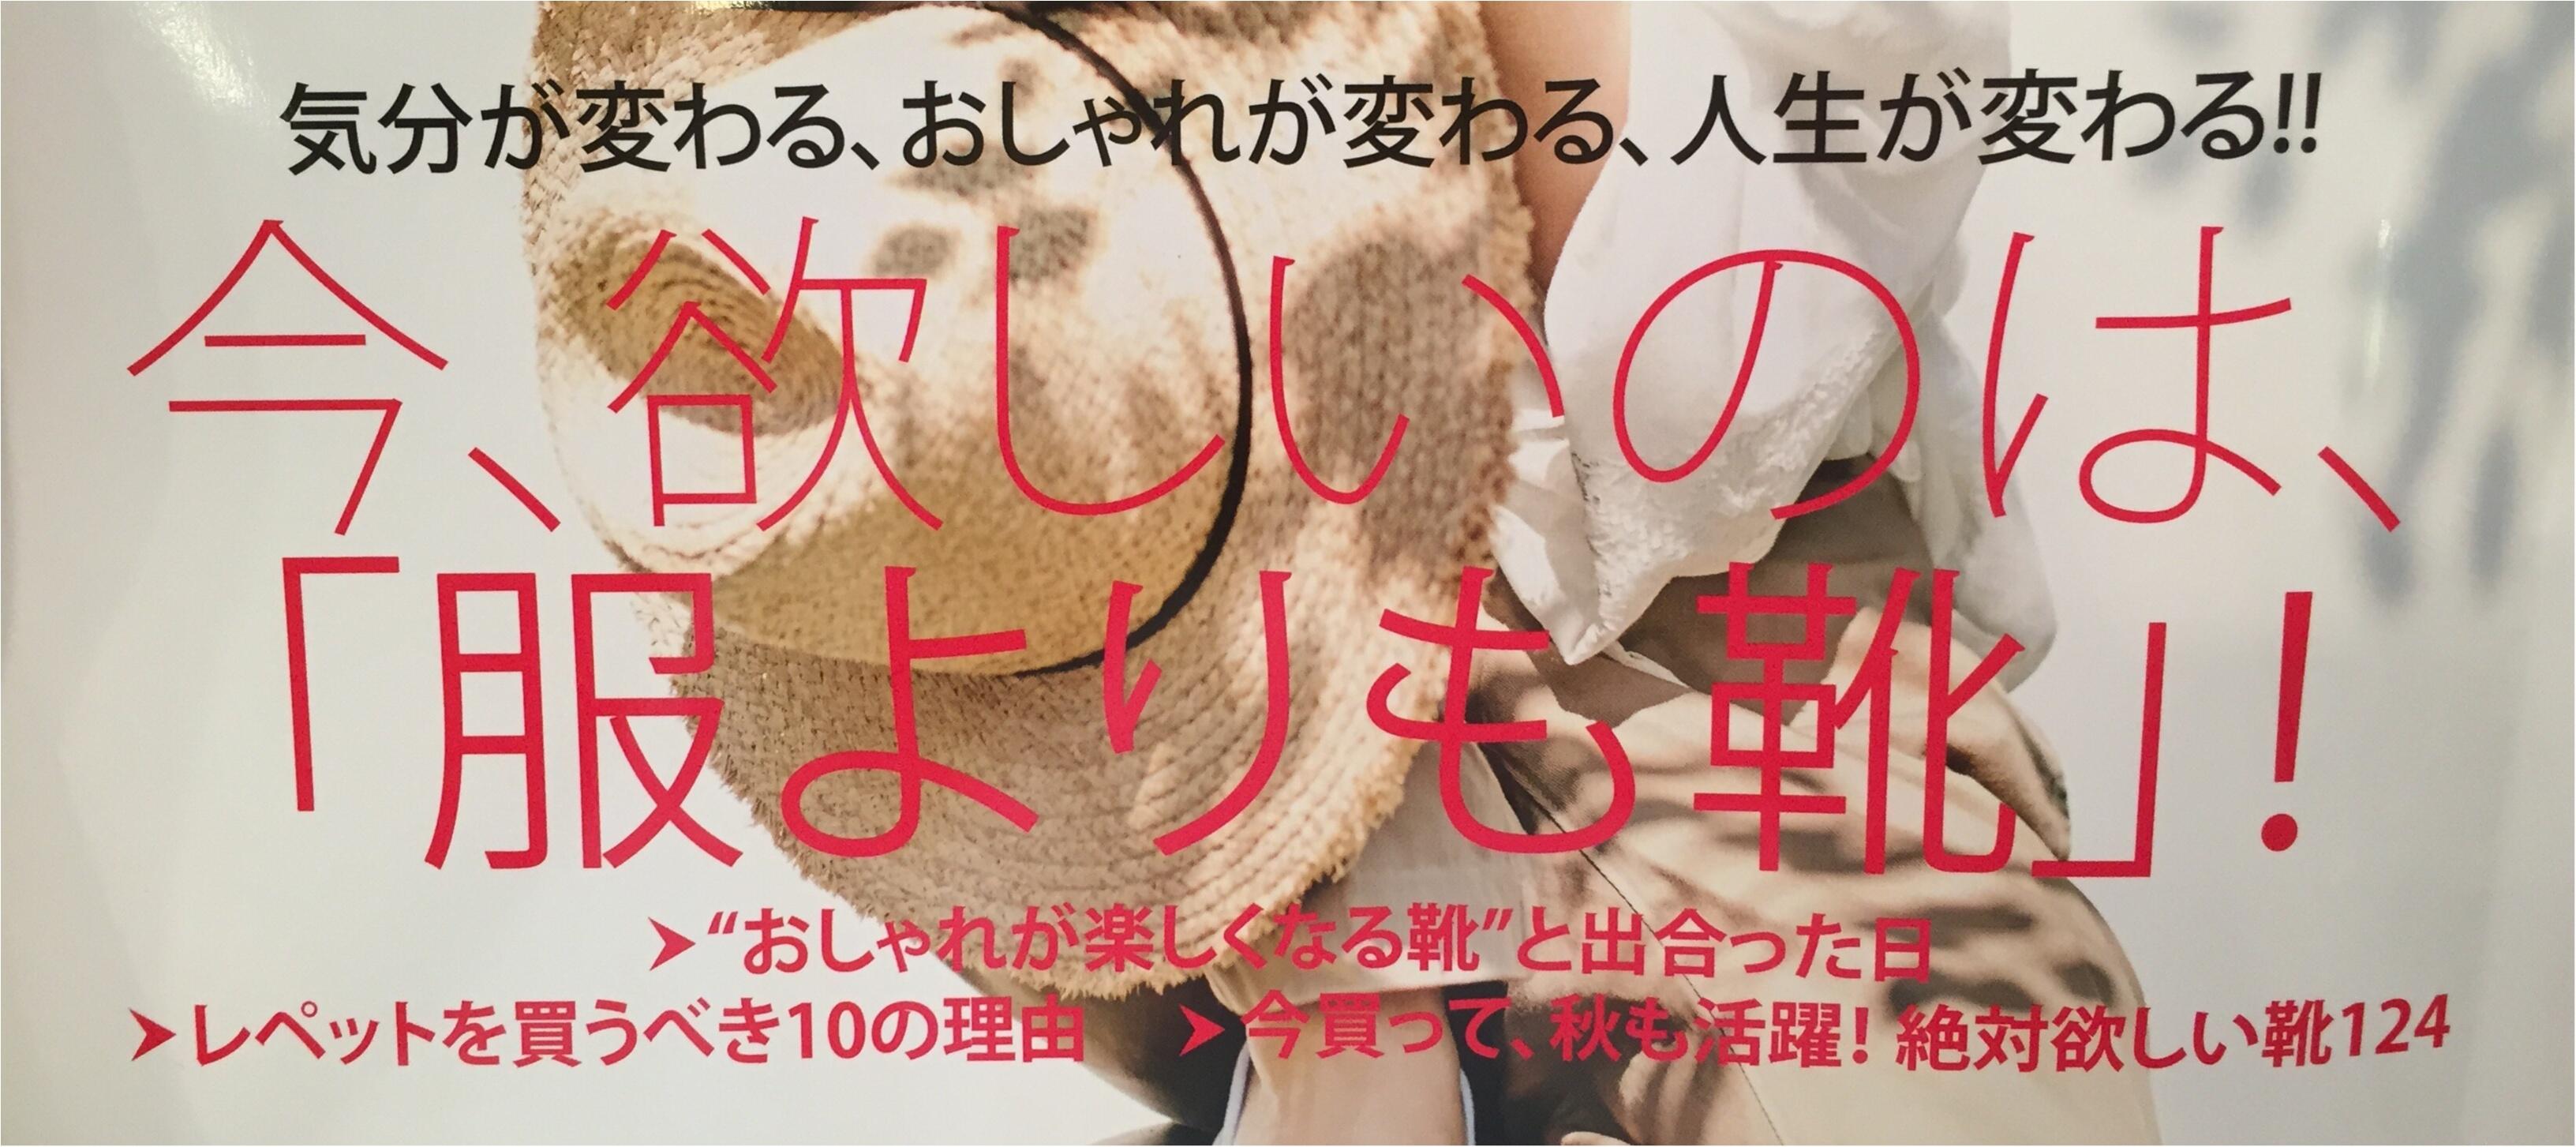 本日発売!!《*MORE9月号*》の見どころを早速チェック☆★〜ファッションからライフスタイルまで、充実の200ページの魅力〜_2